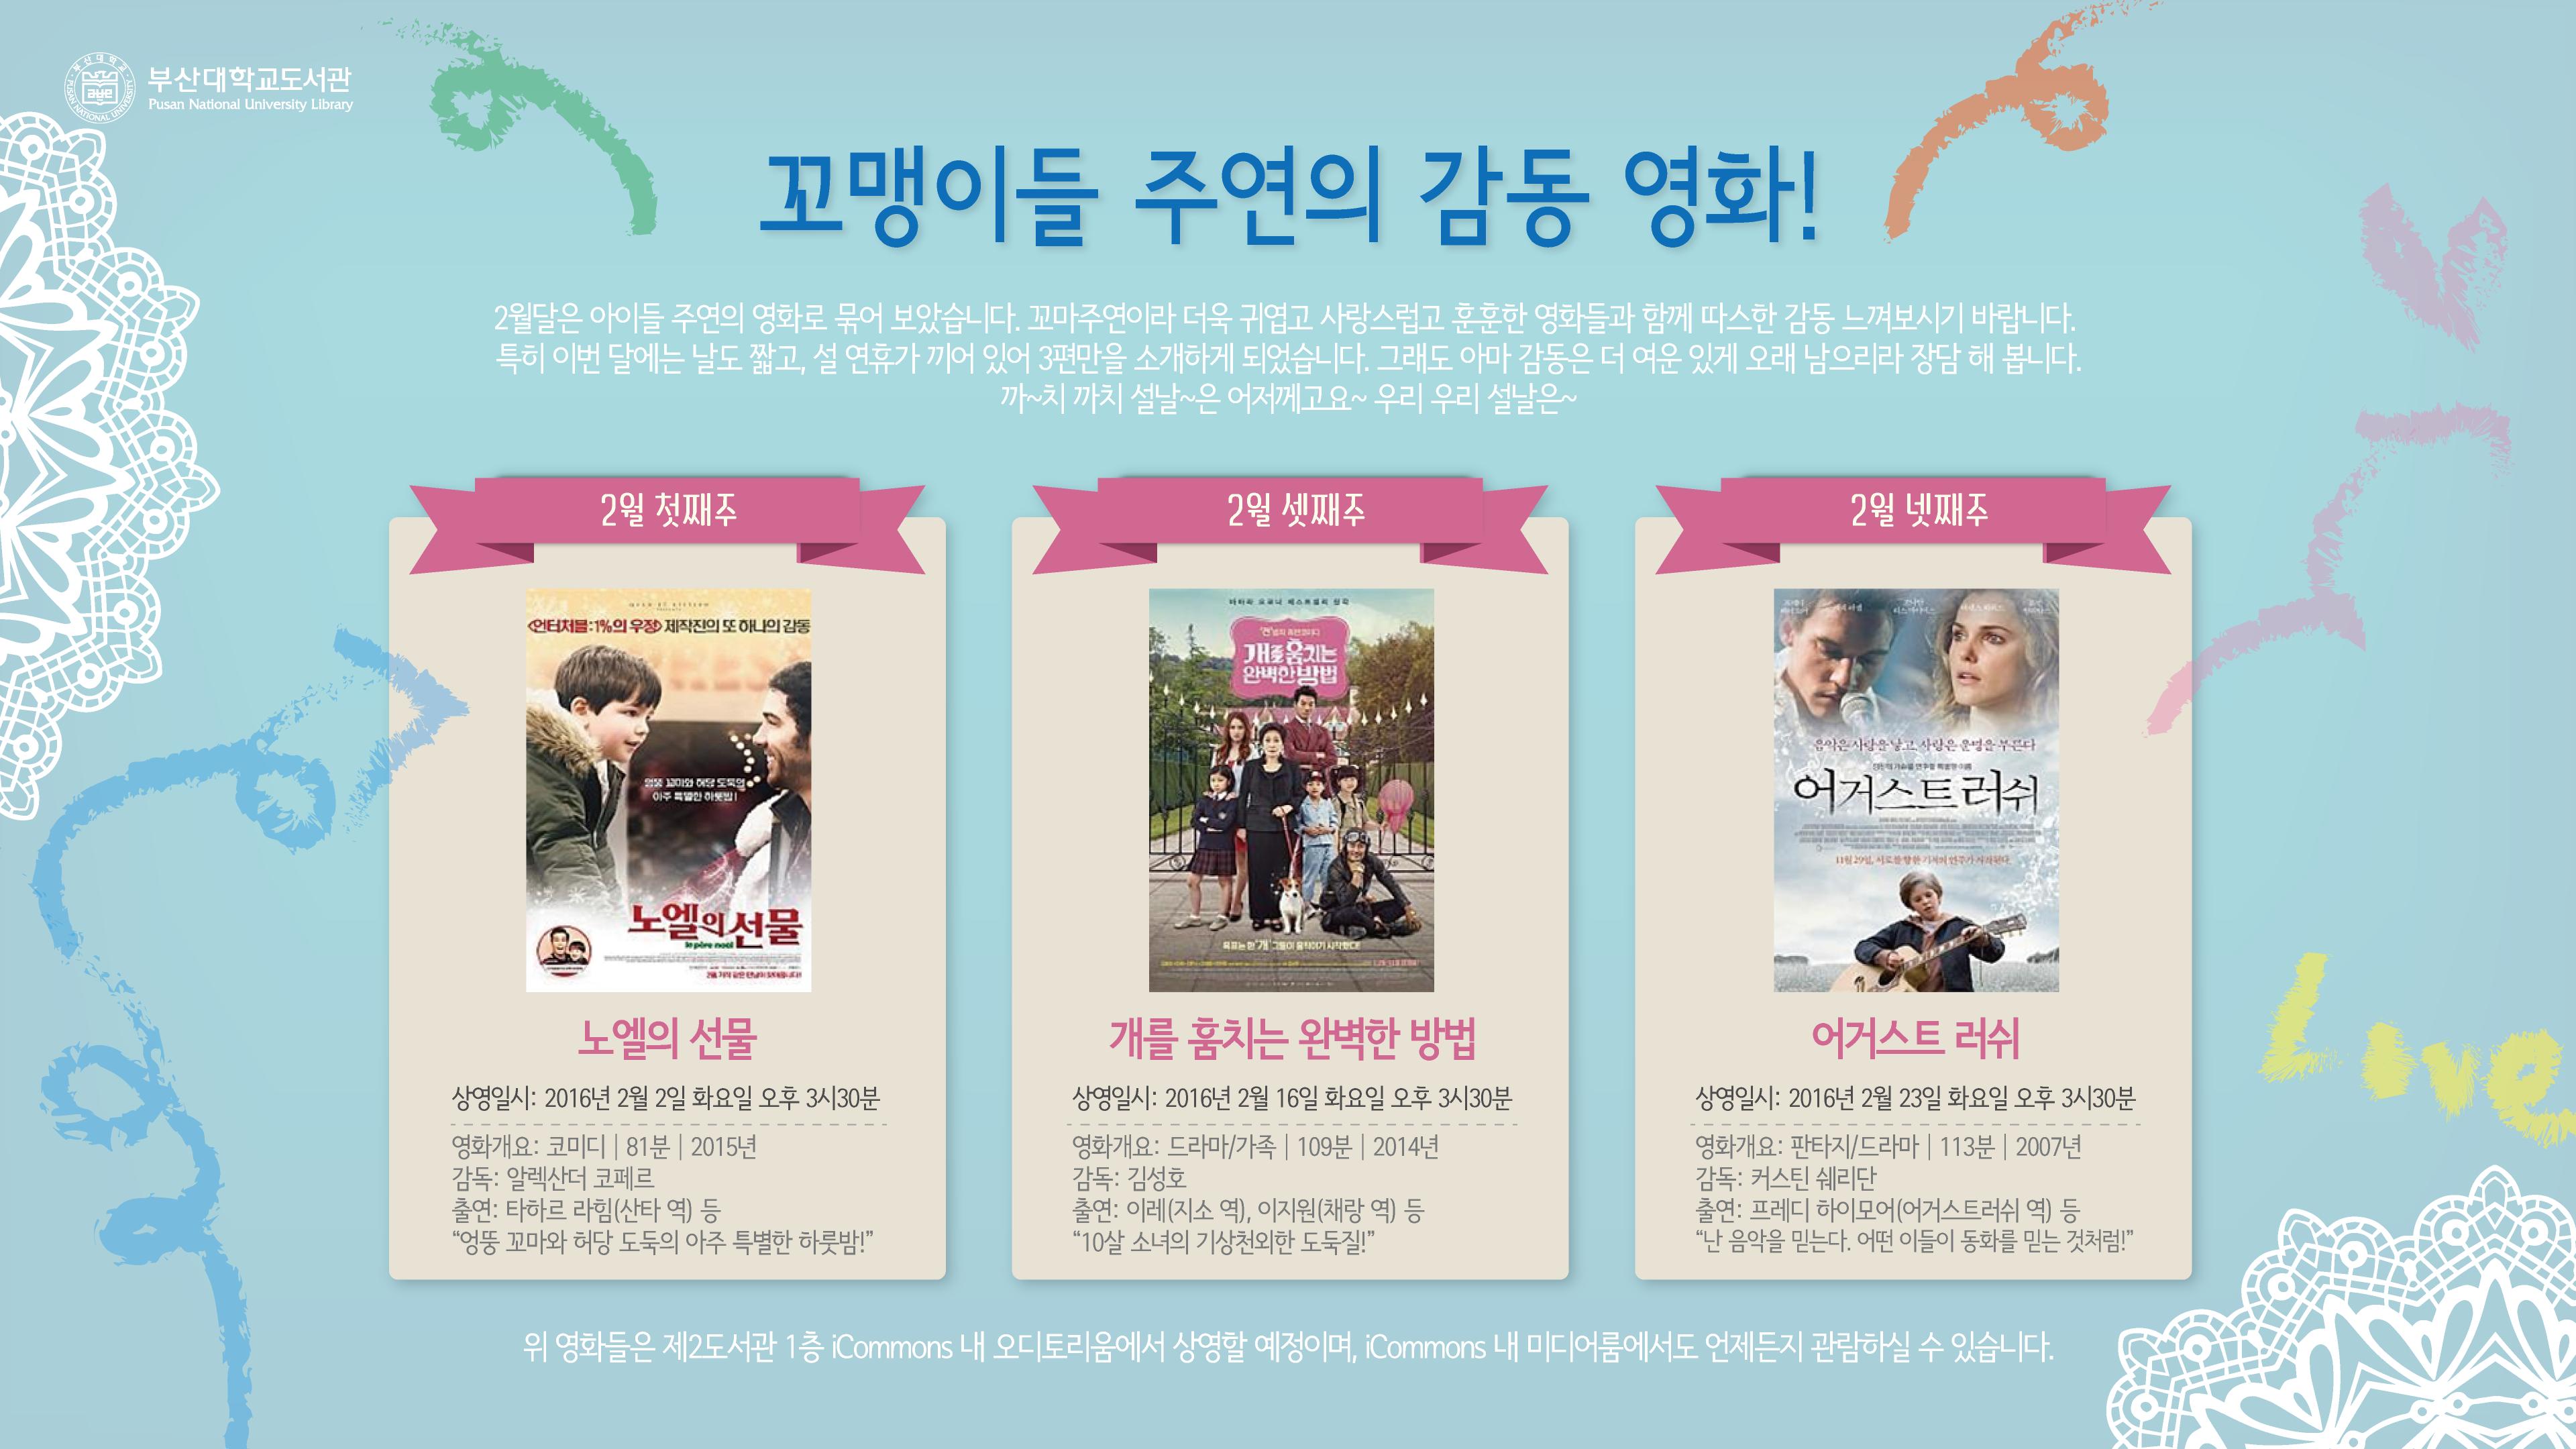 제2도서관 오디토리움 2016년 2월 영화상영 안내